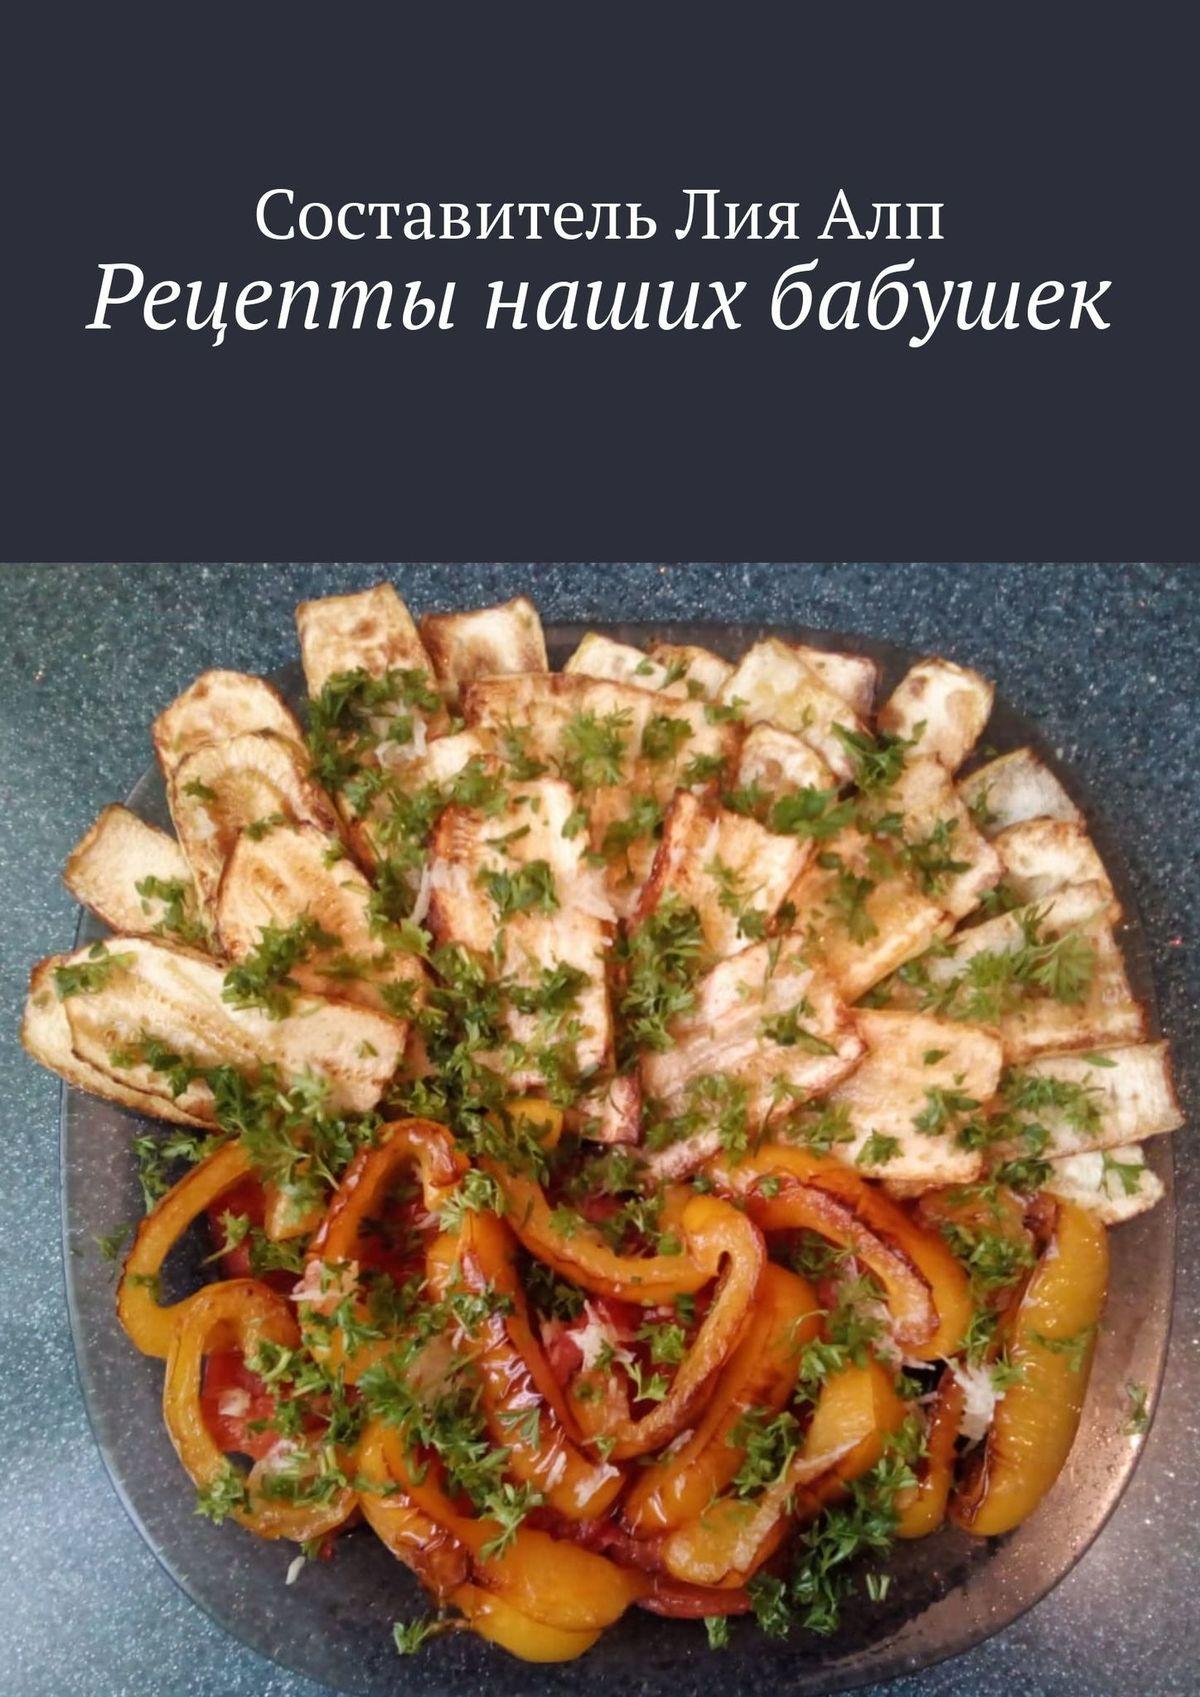 Юлия Алпагут Рецепты наших бабушек иванова с авт сост 365 рецептов вкусных мясных блюд